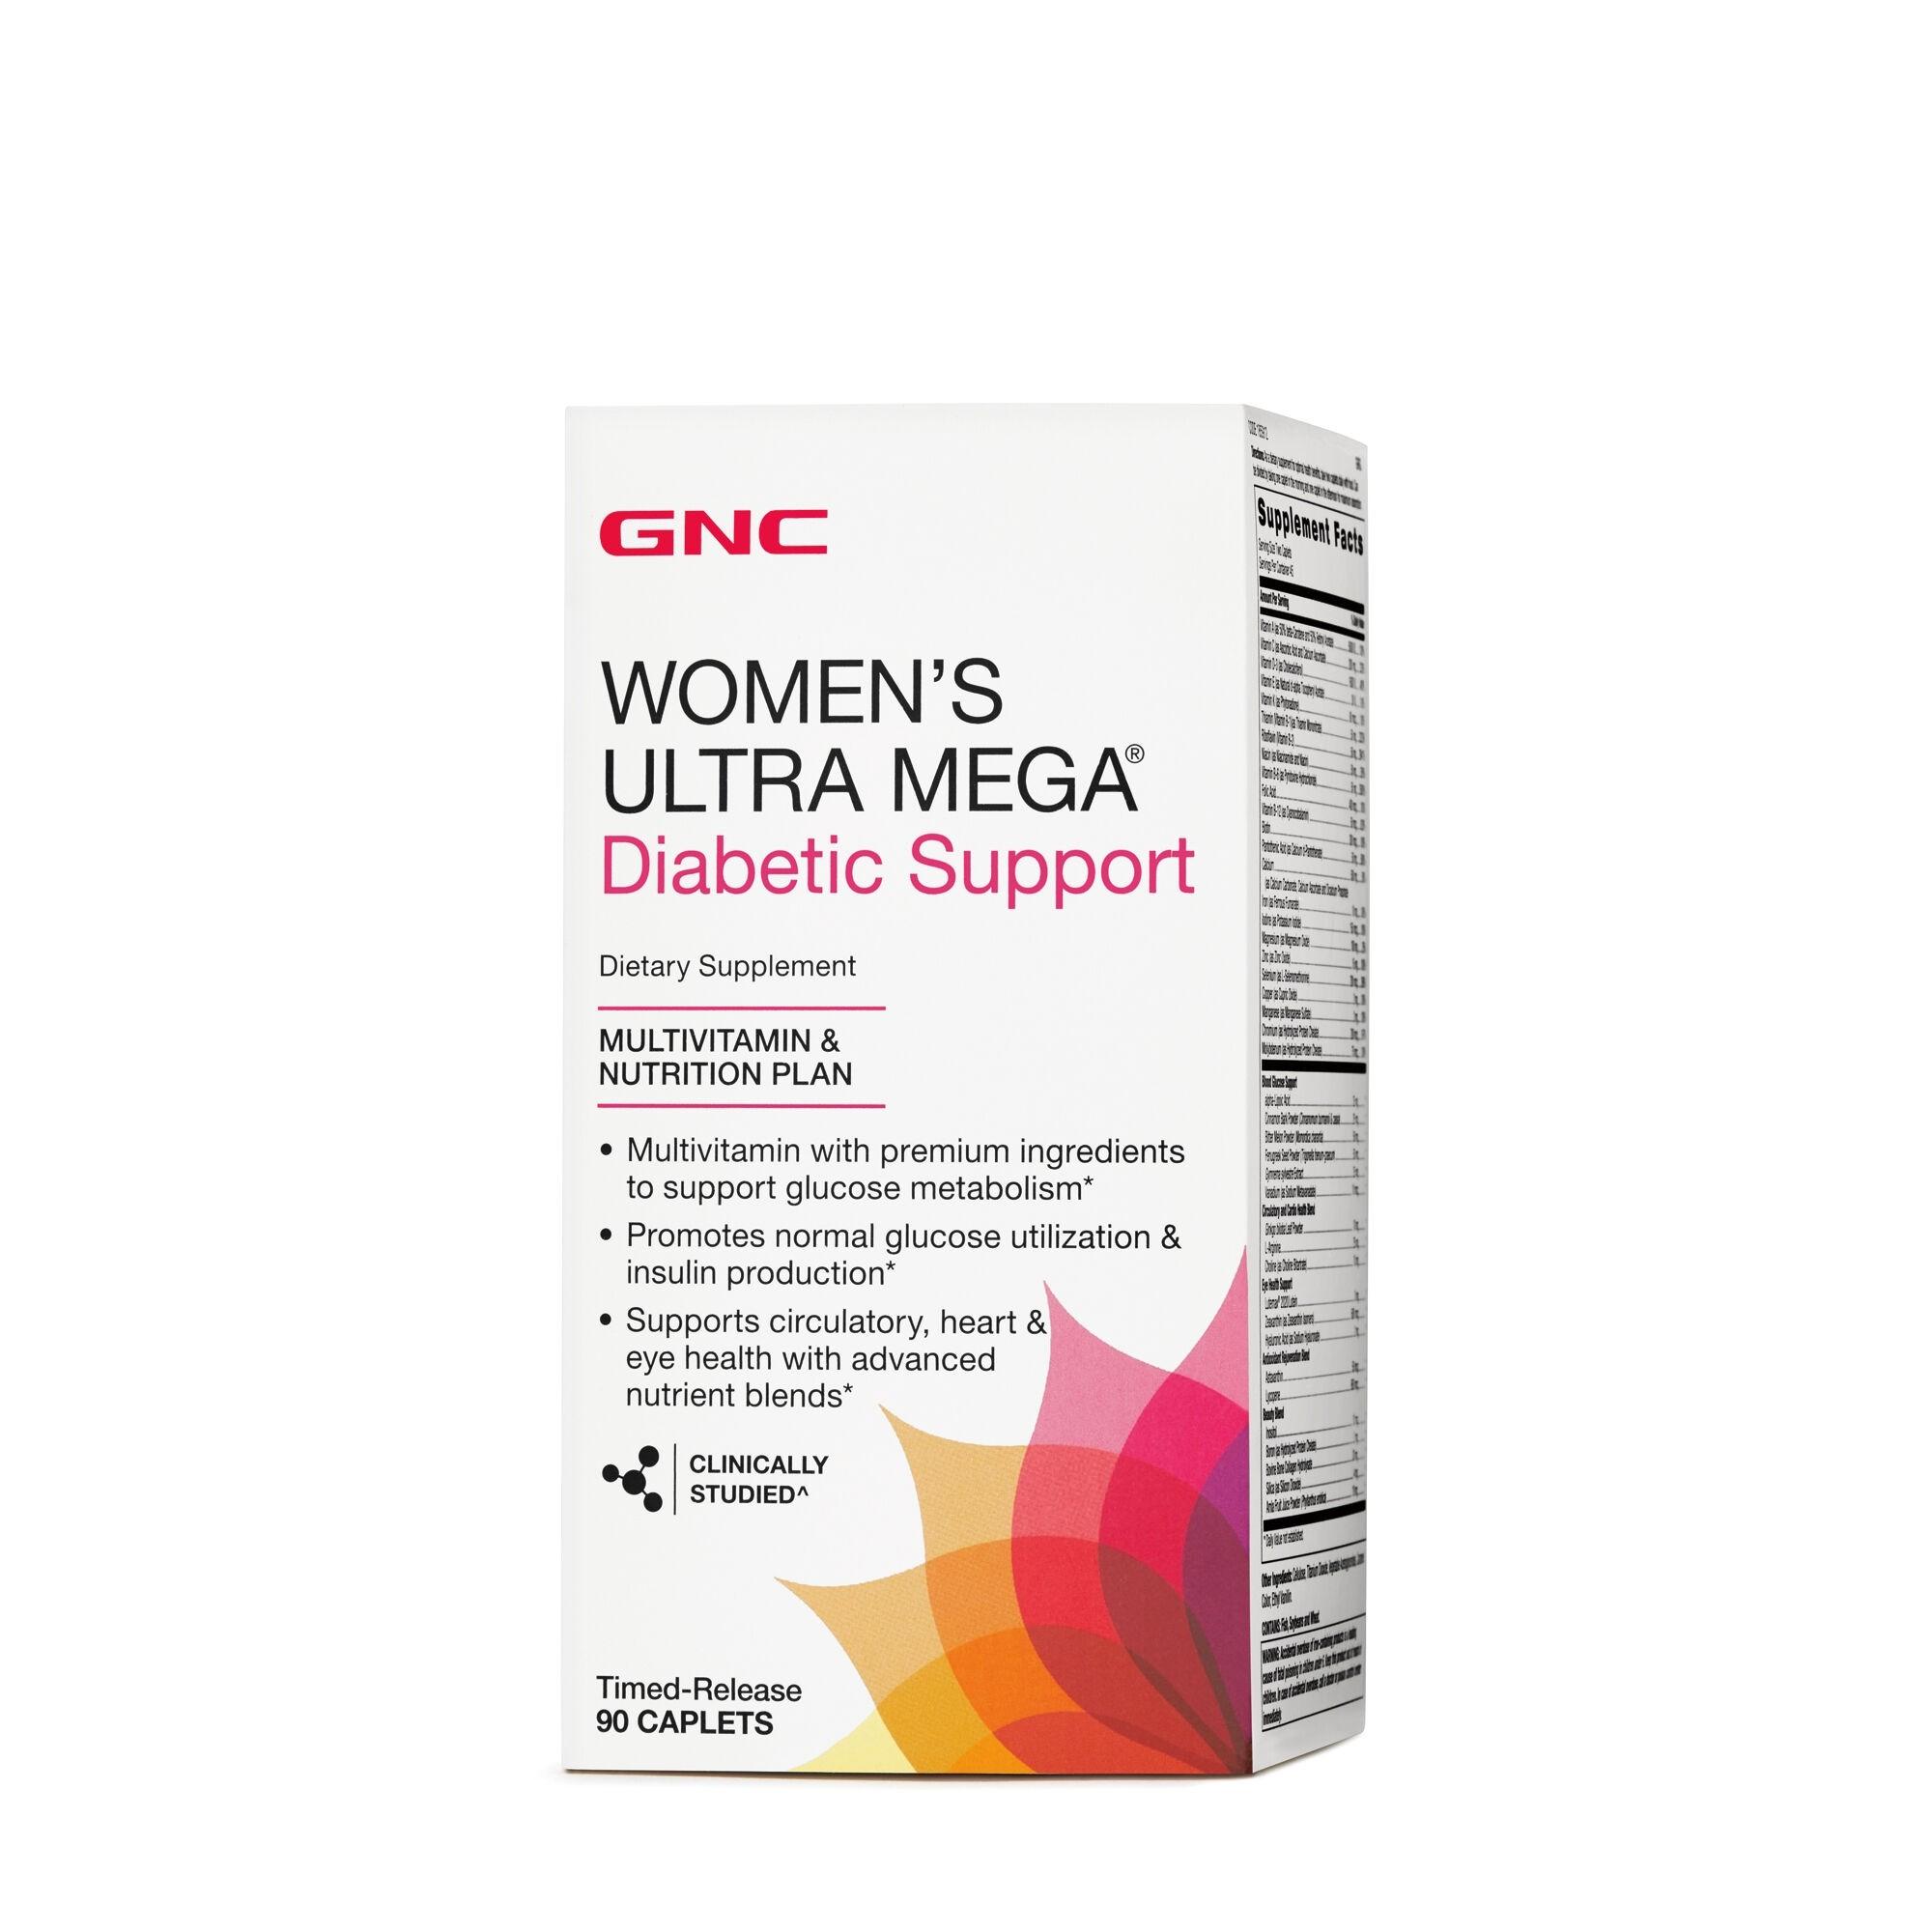 GNC Women's Ultra Mega ® Diabetic Support, Multivitamine Pentru Femei Pentru Suport Diabetic, 90 tb